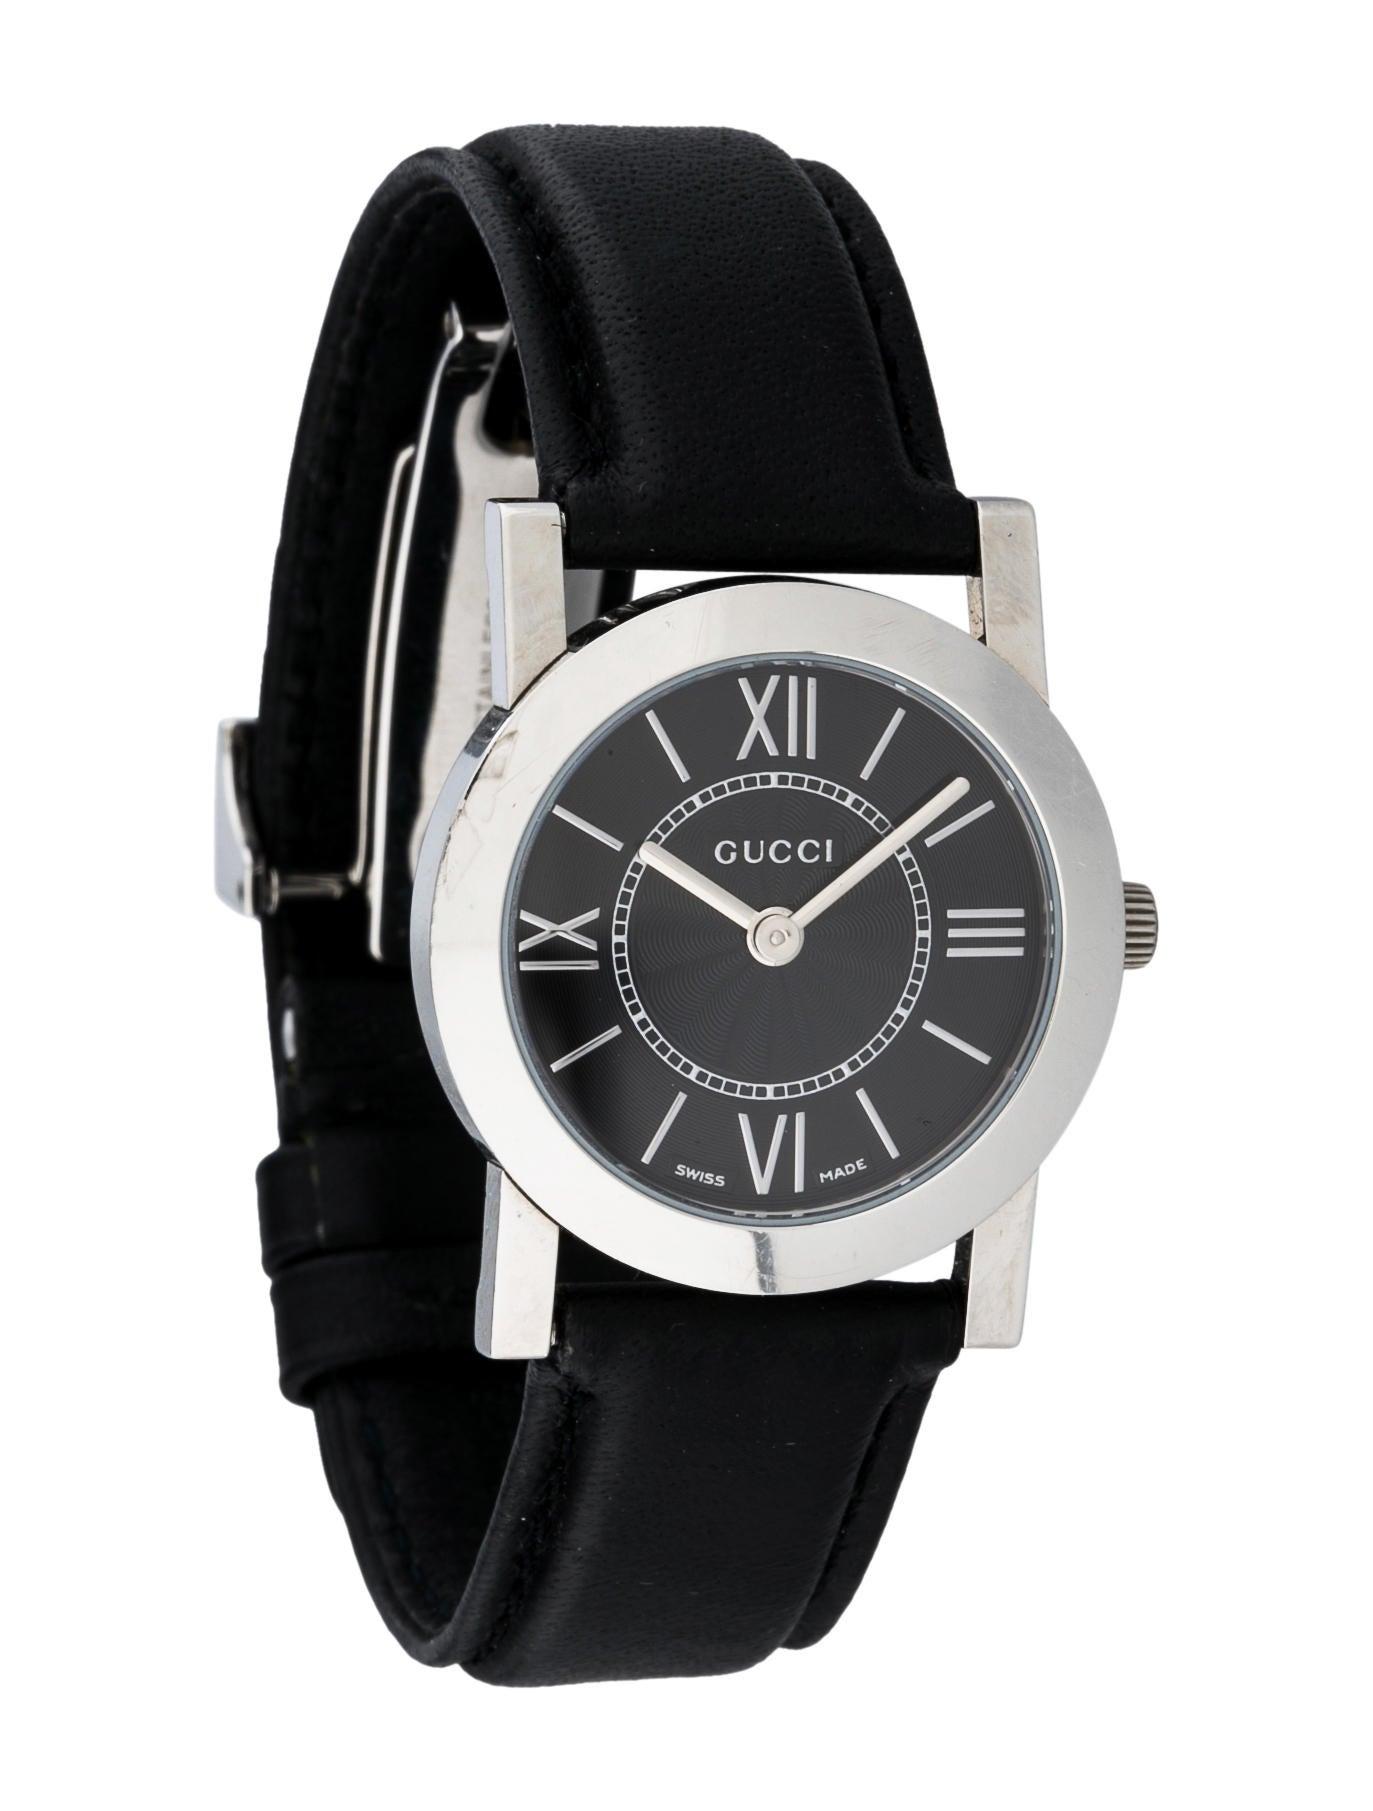 Gucci 5200 L 1 Quartz Watch Strap Guc40841 The Realreal